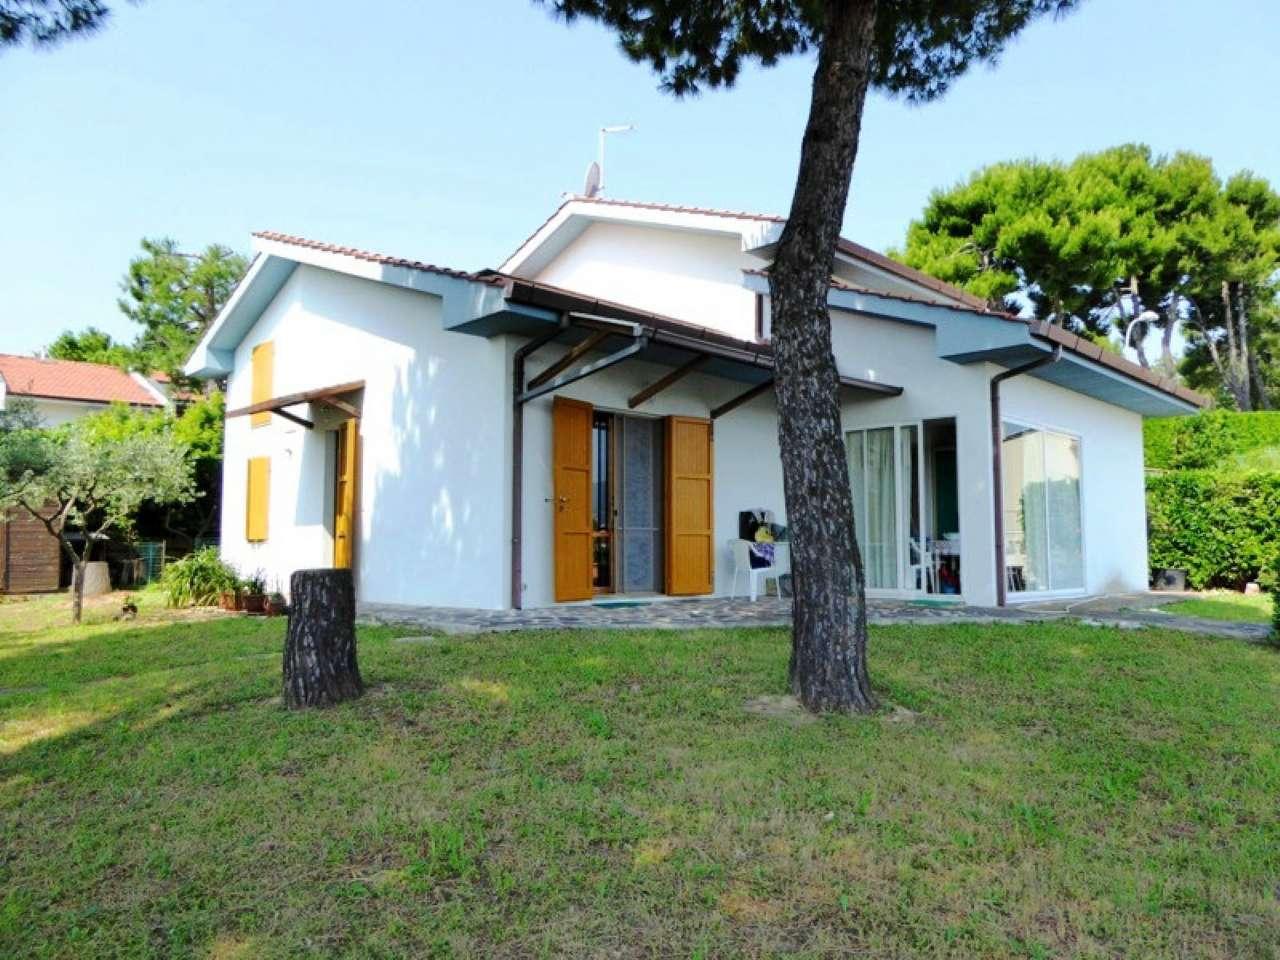 Soluzione Indipendente in vendita a Numana, 6 locali, prezzo € 430.000 | Cambio Casa.it